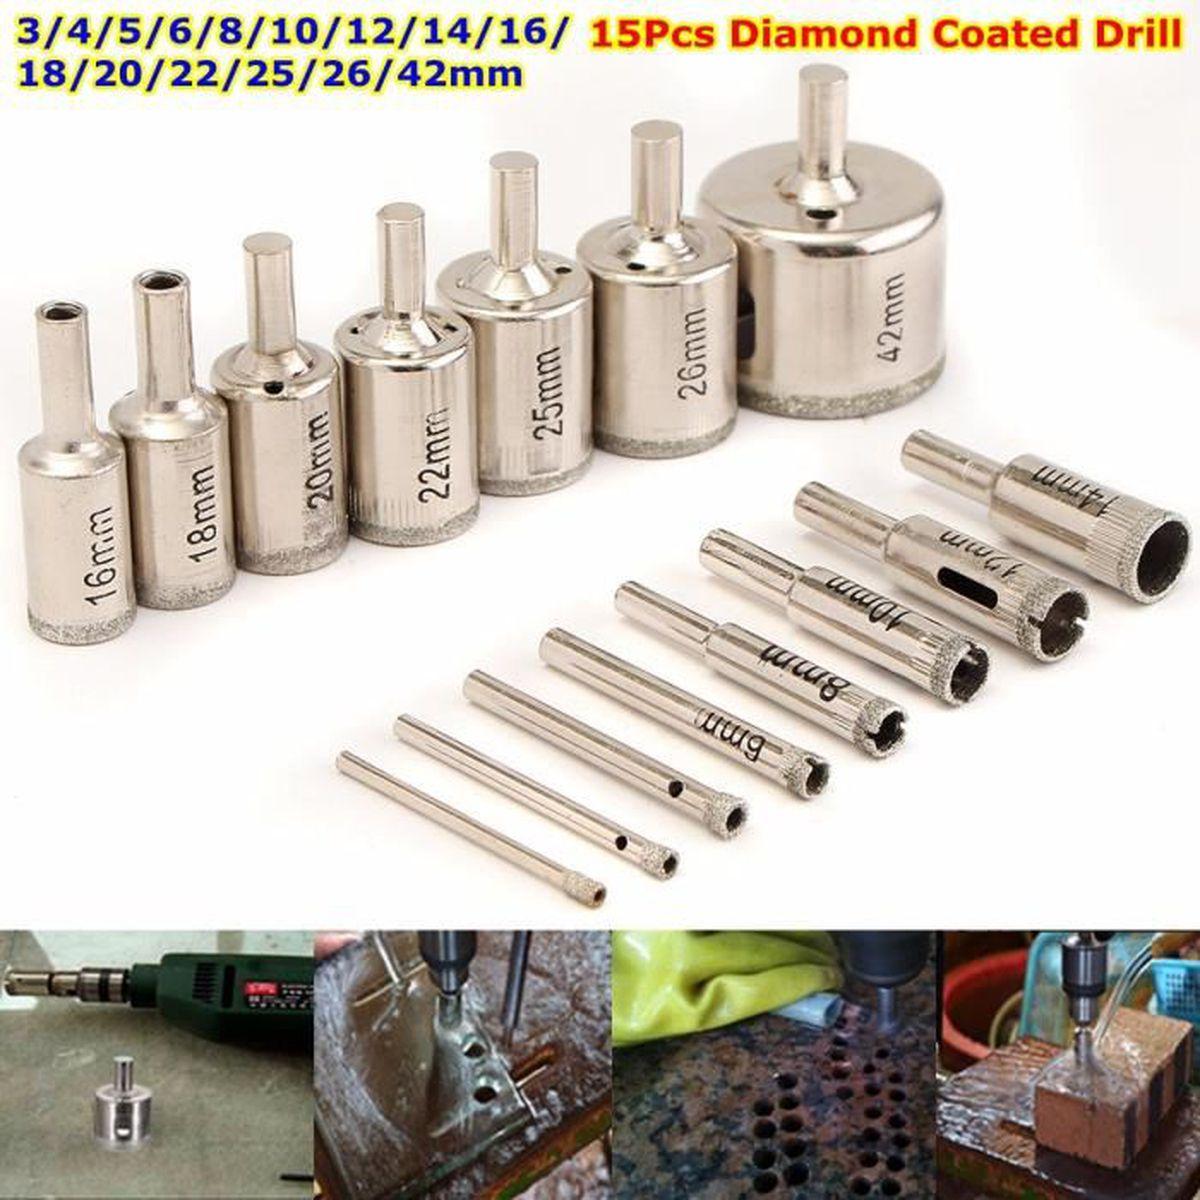 90 Mm Diamant Trou Scie Core Drill Bits avec pilote pour Carrelage Marbre Céramique